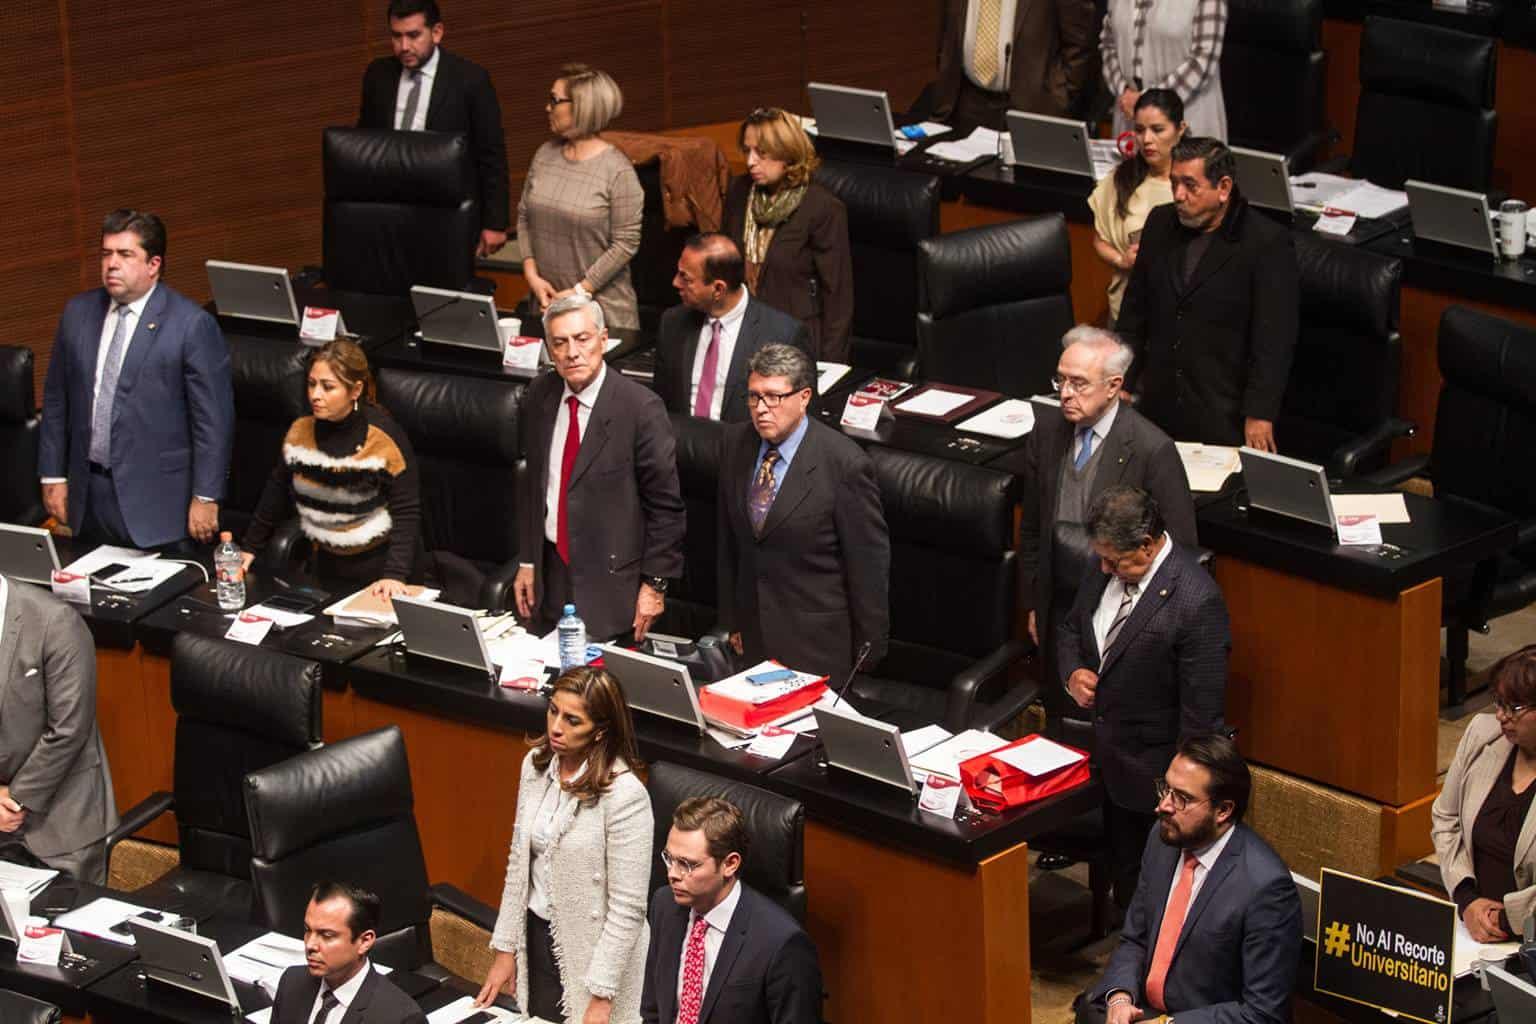 En el Senado, posponen votación para ministro de la Corte